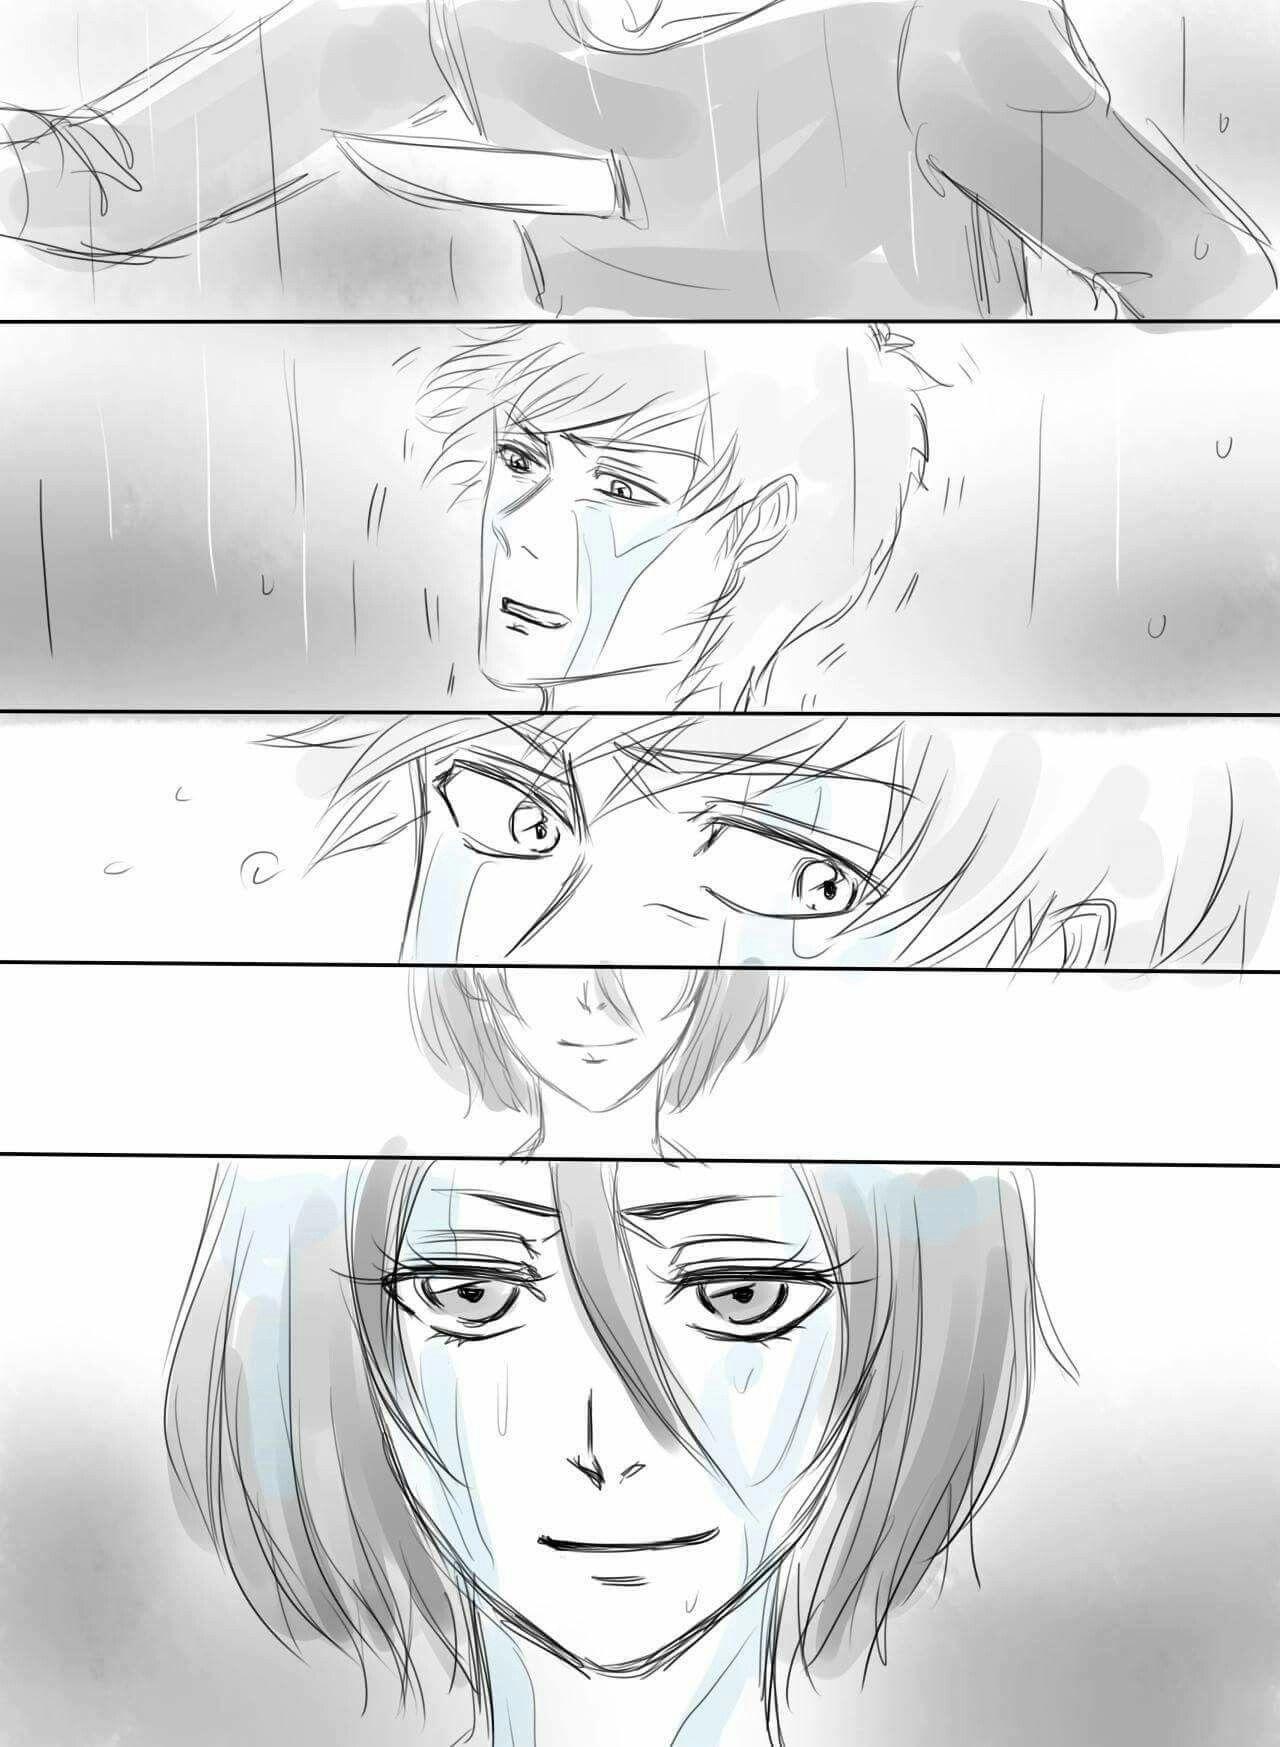 Ichiruki vs ichihime yahoo dating